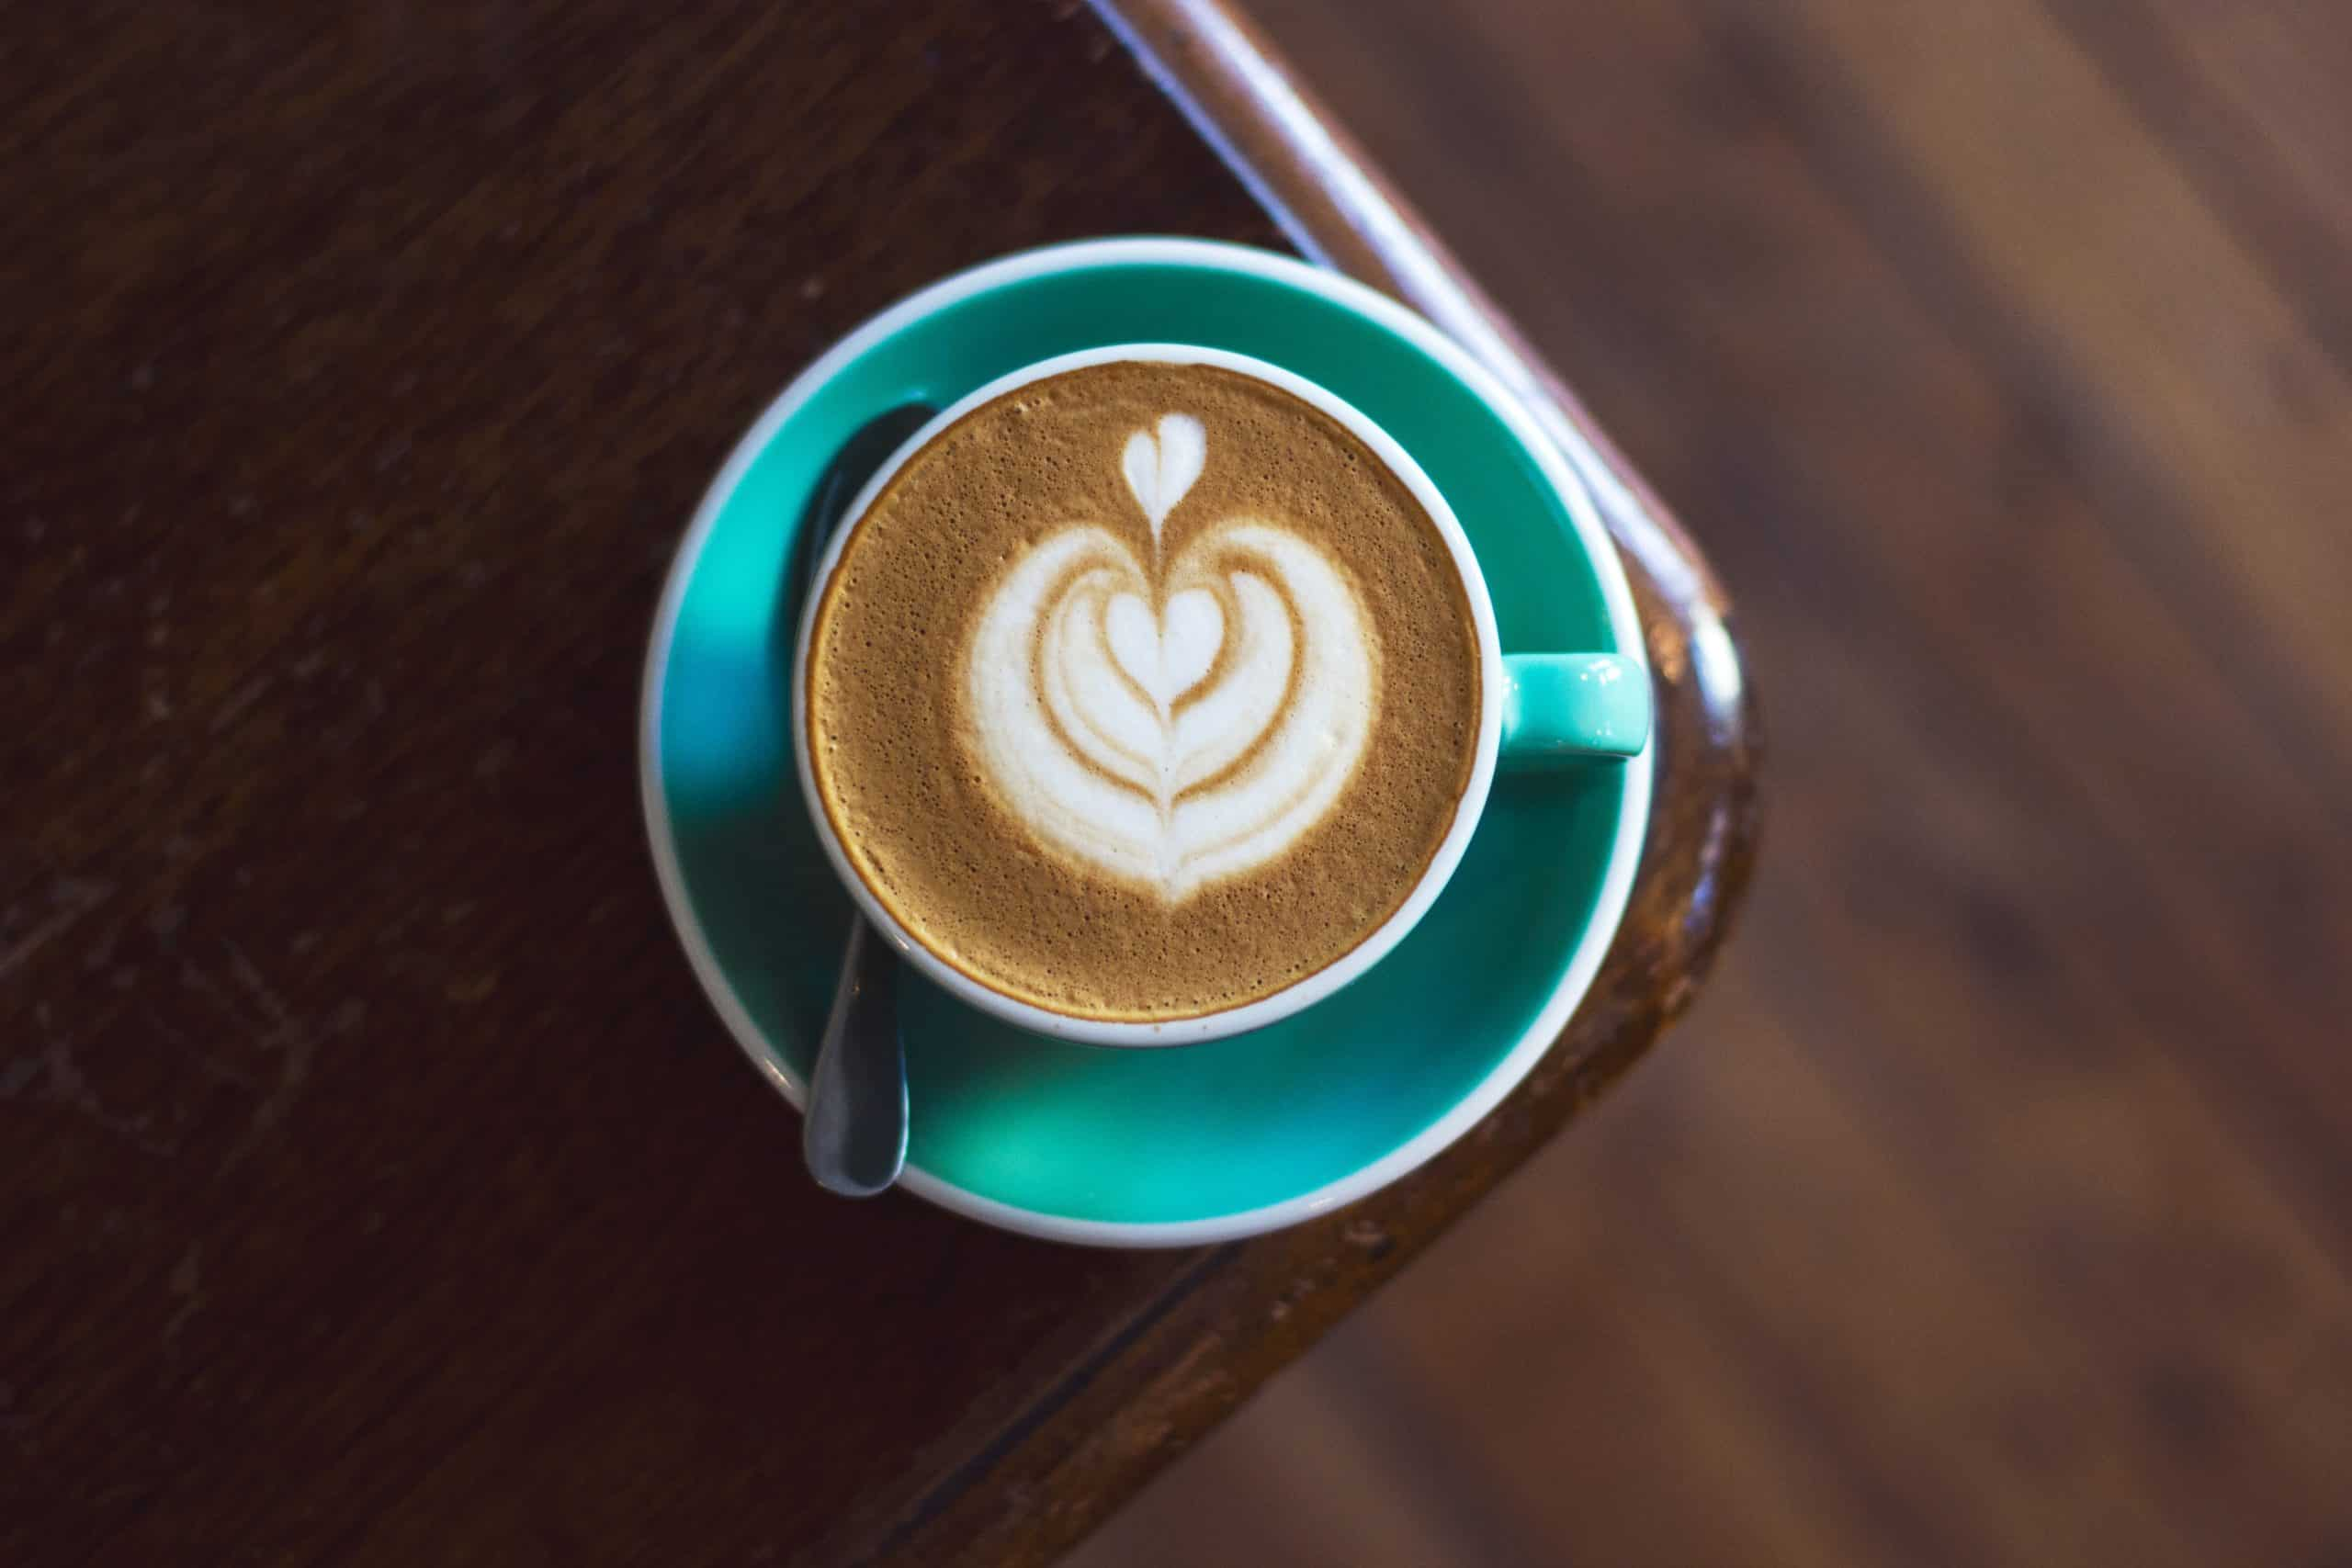 Comment bien utiliser votre cafetière Tassimo